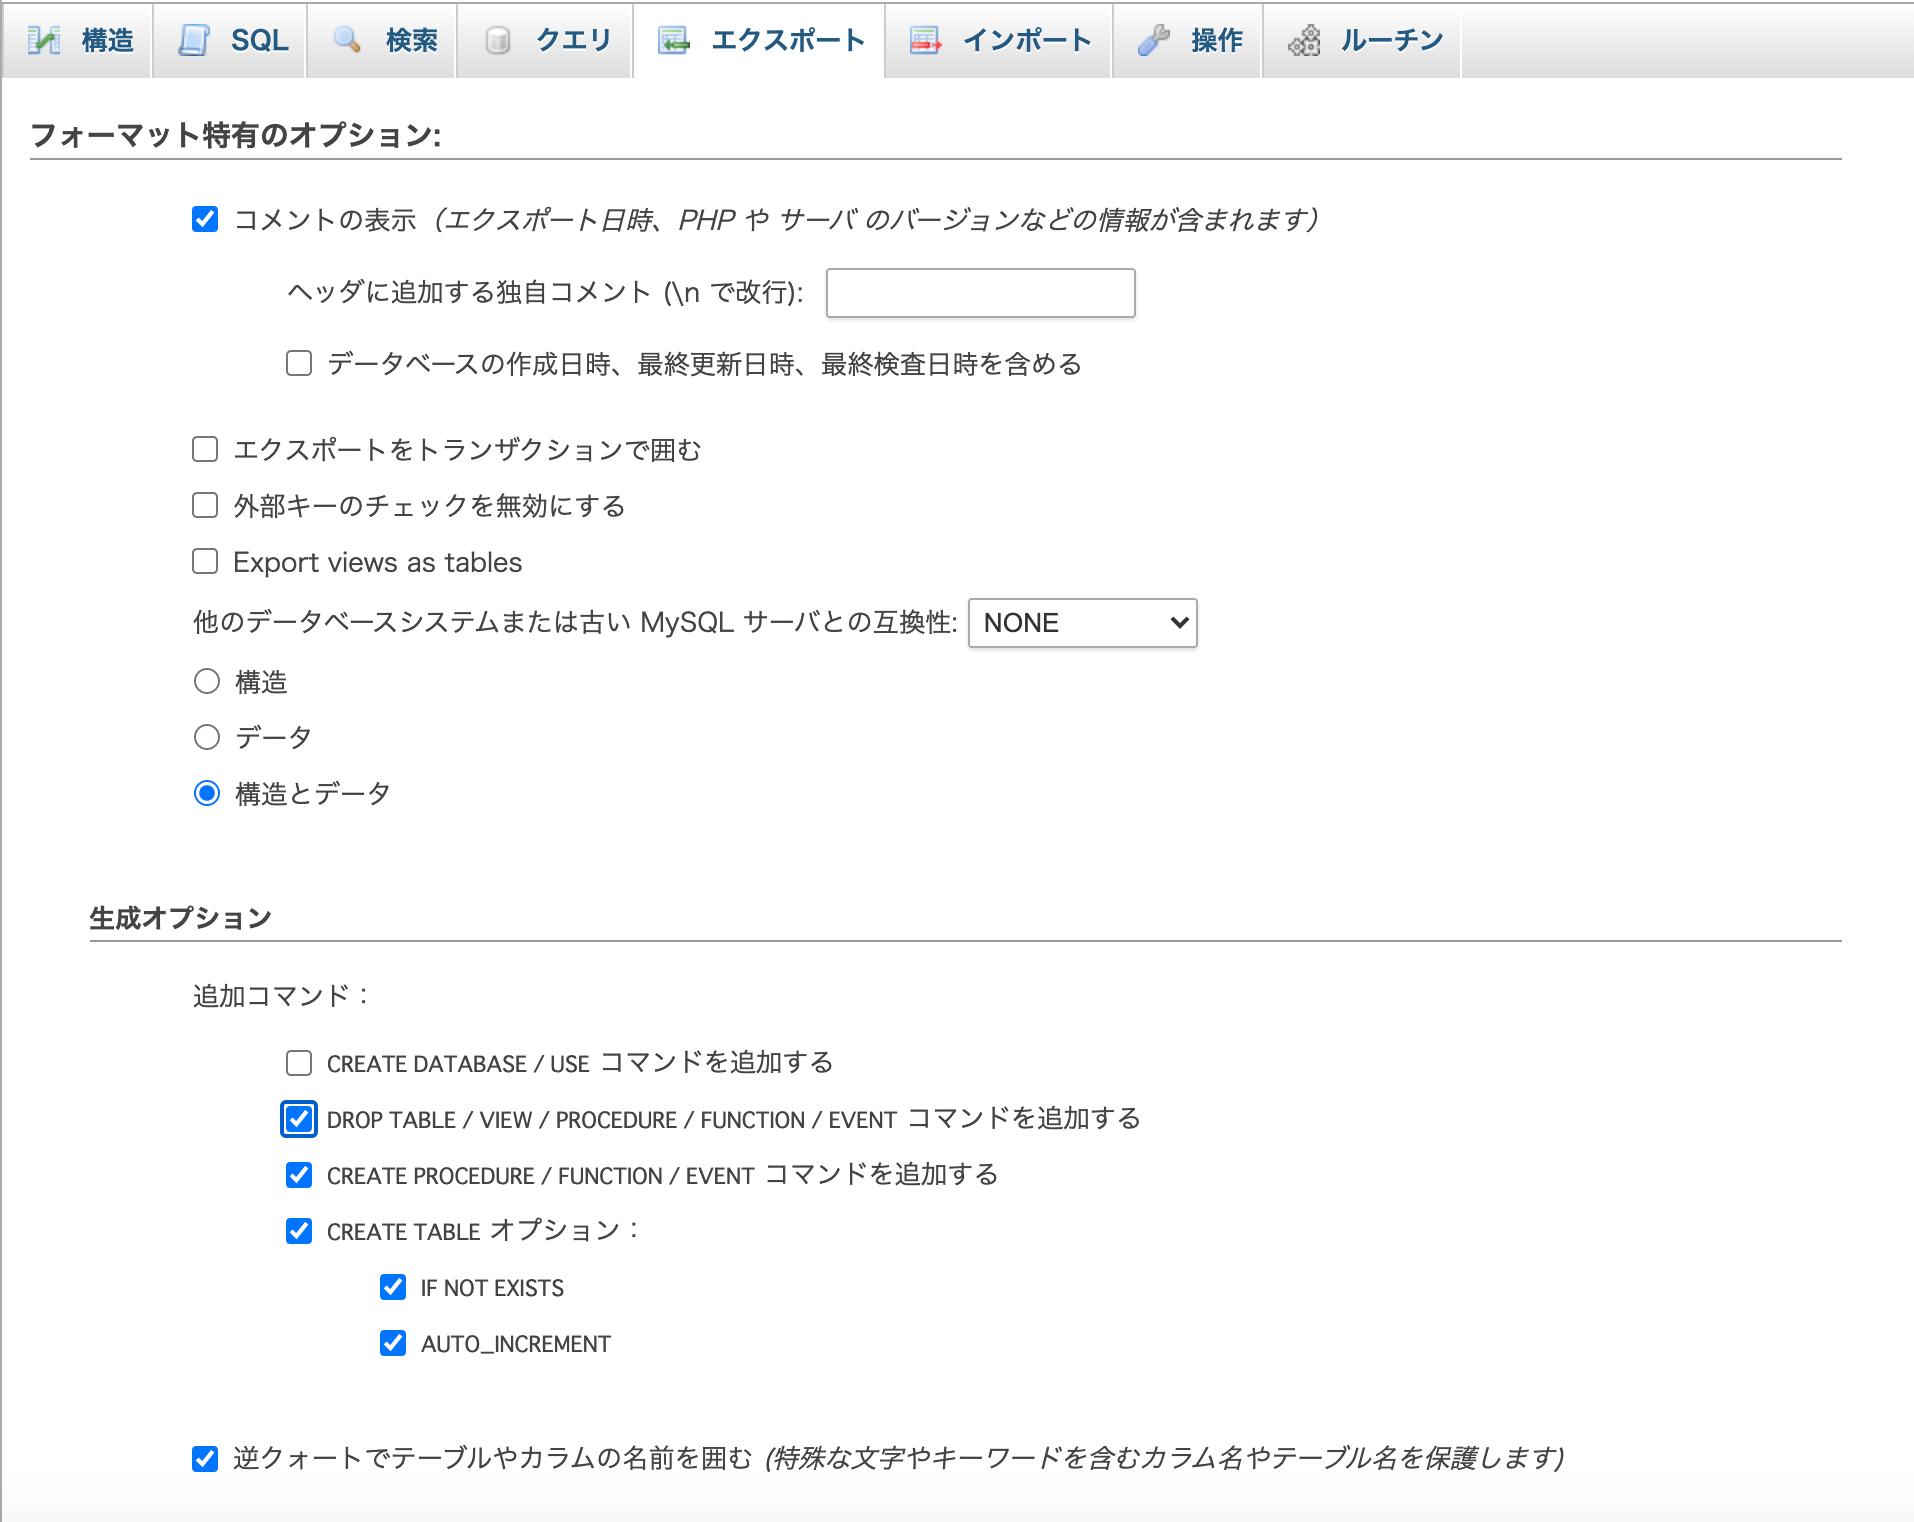 スクリーンショット 2020-06-03 11.49.19.png